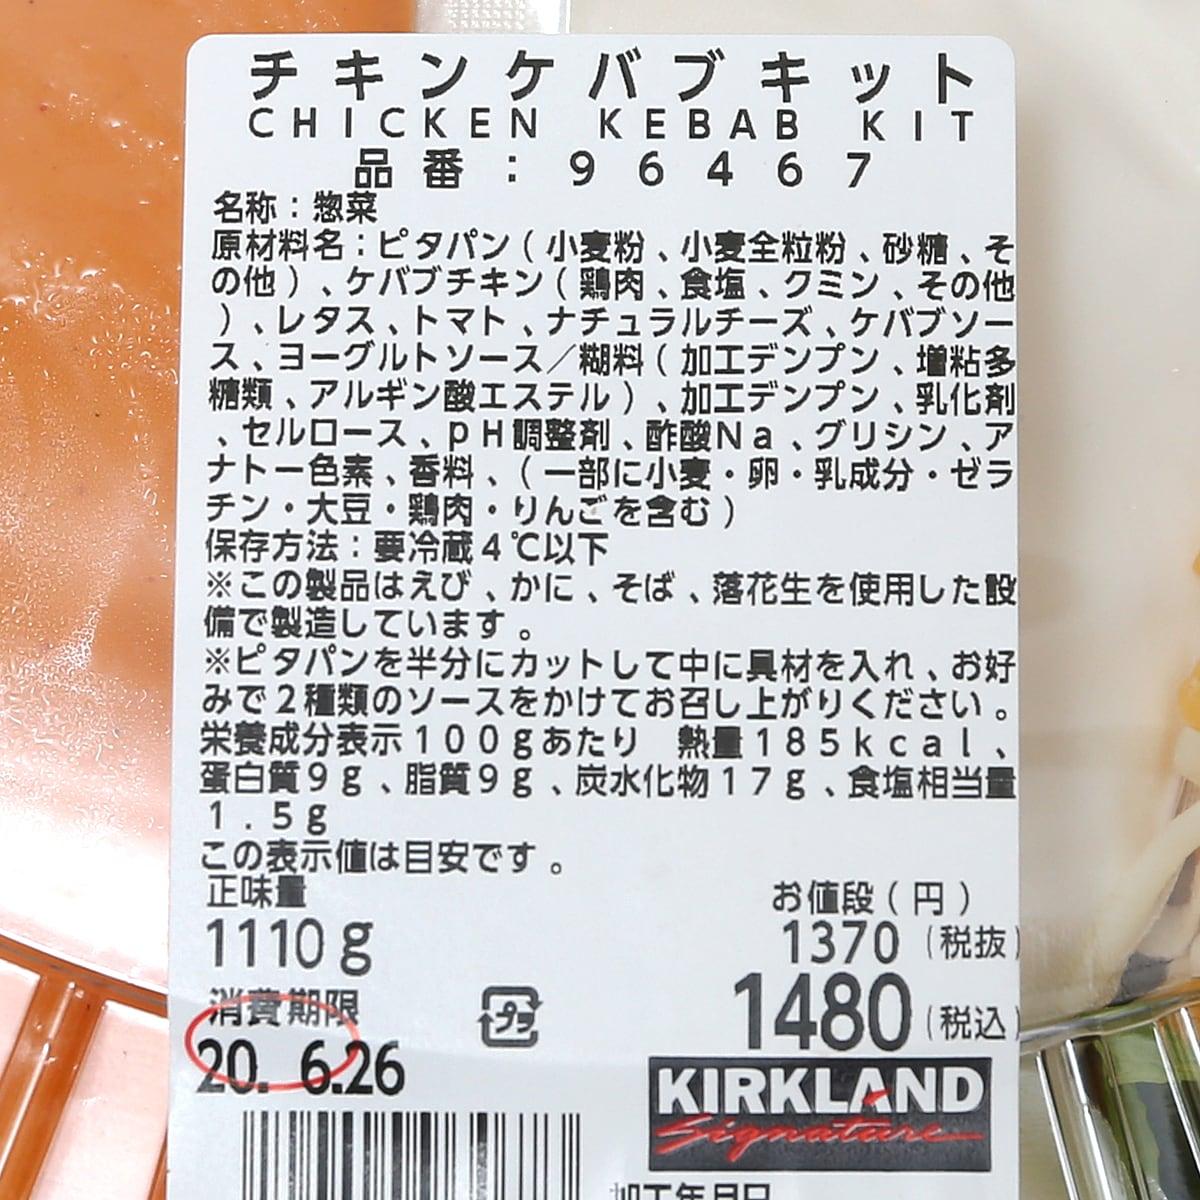 チキンケバブキット 商品ラベル(原材料・カロリーほか)